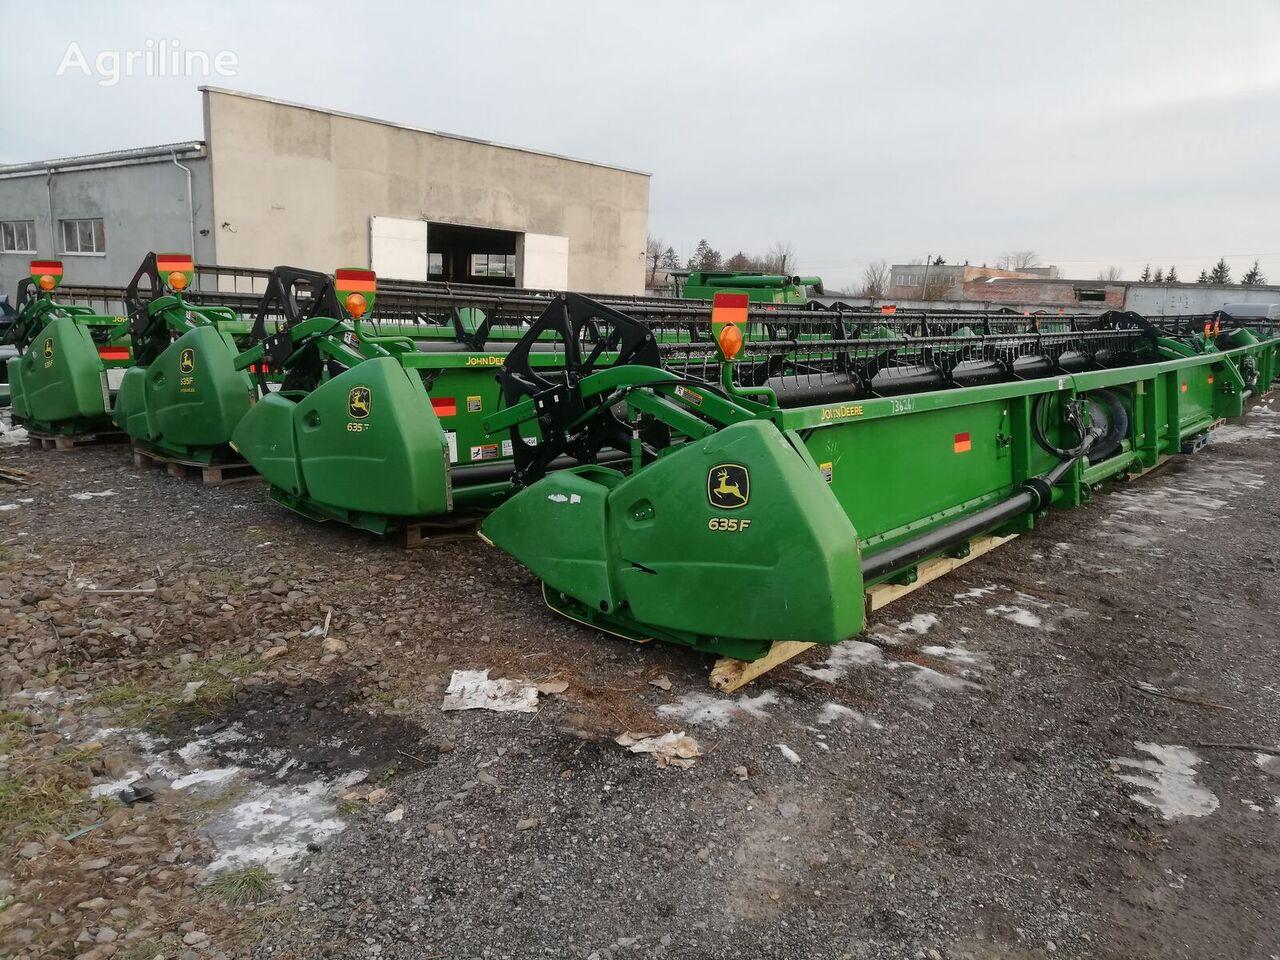 JOHN DEERE  F630. F635. F625. F620.  grain header